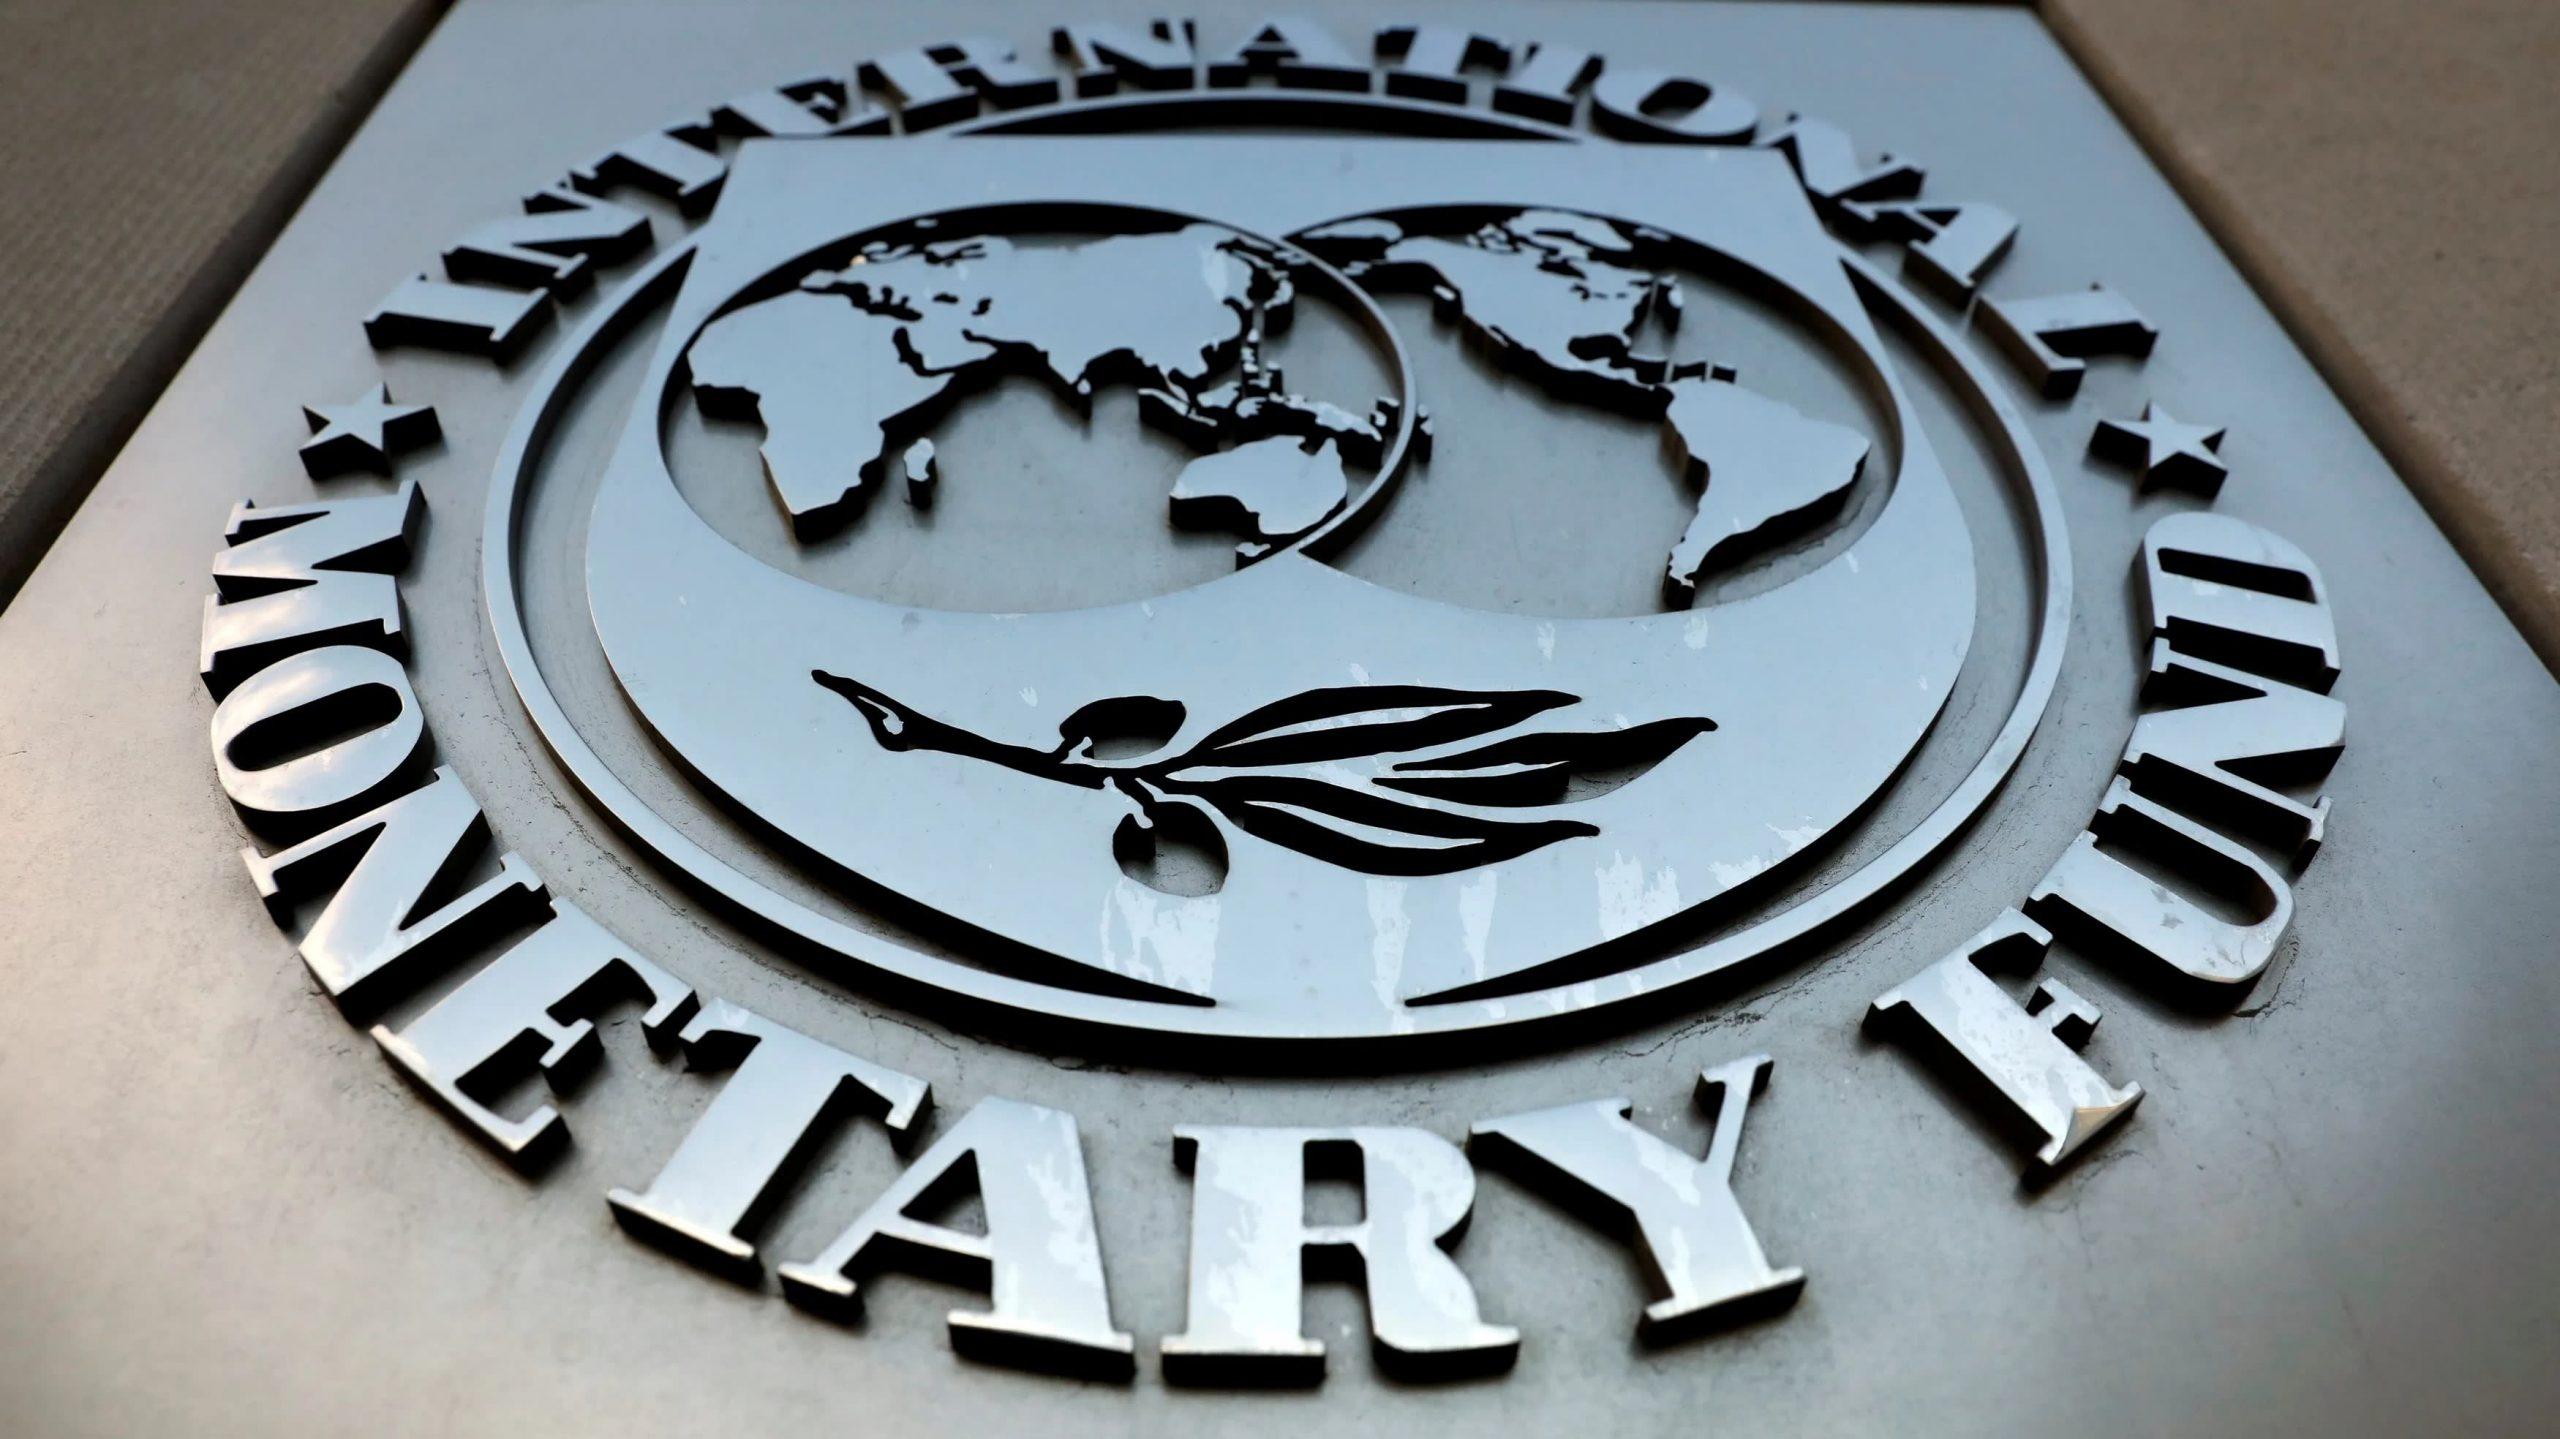 ΔΝΤ: Απαιτείται συντονισμένη δράση για τον περιορισμό του αυξανόμενου αριθμού ευάλωτων κρατών